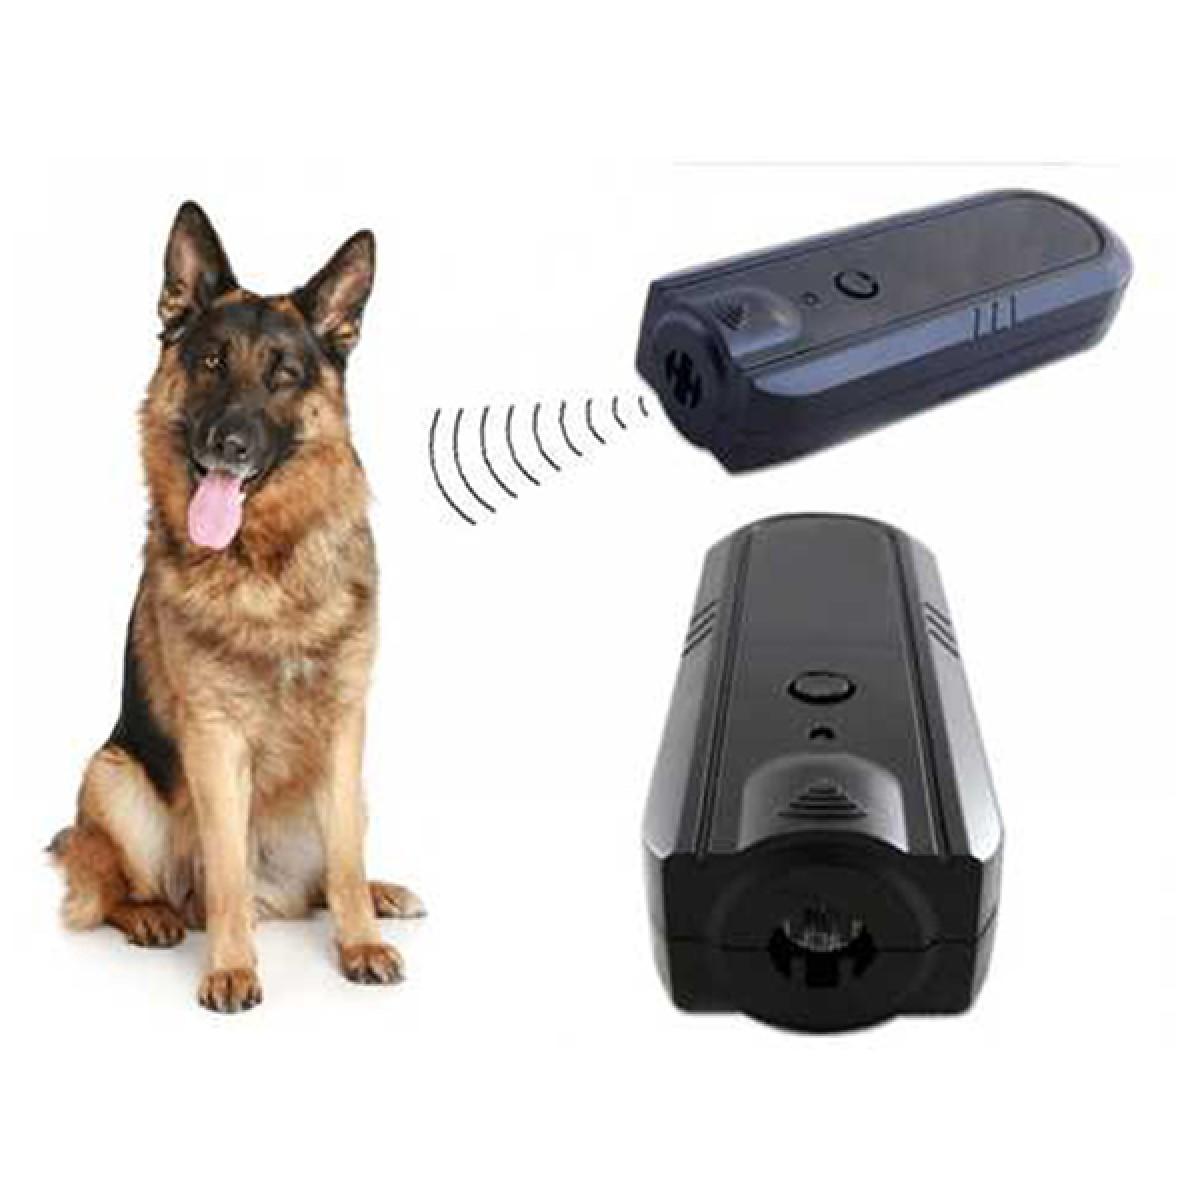 Υπερηχητικός αντιδιαβρωτής των σκύλων KEKO TJ-3008-OEM